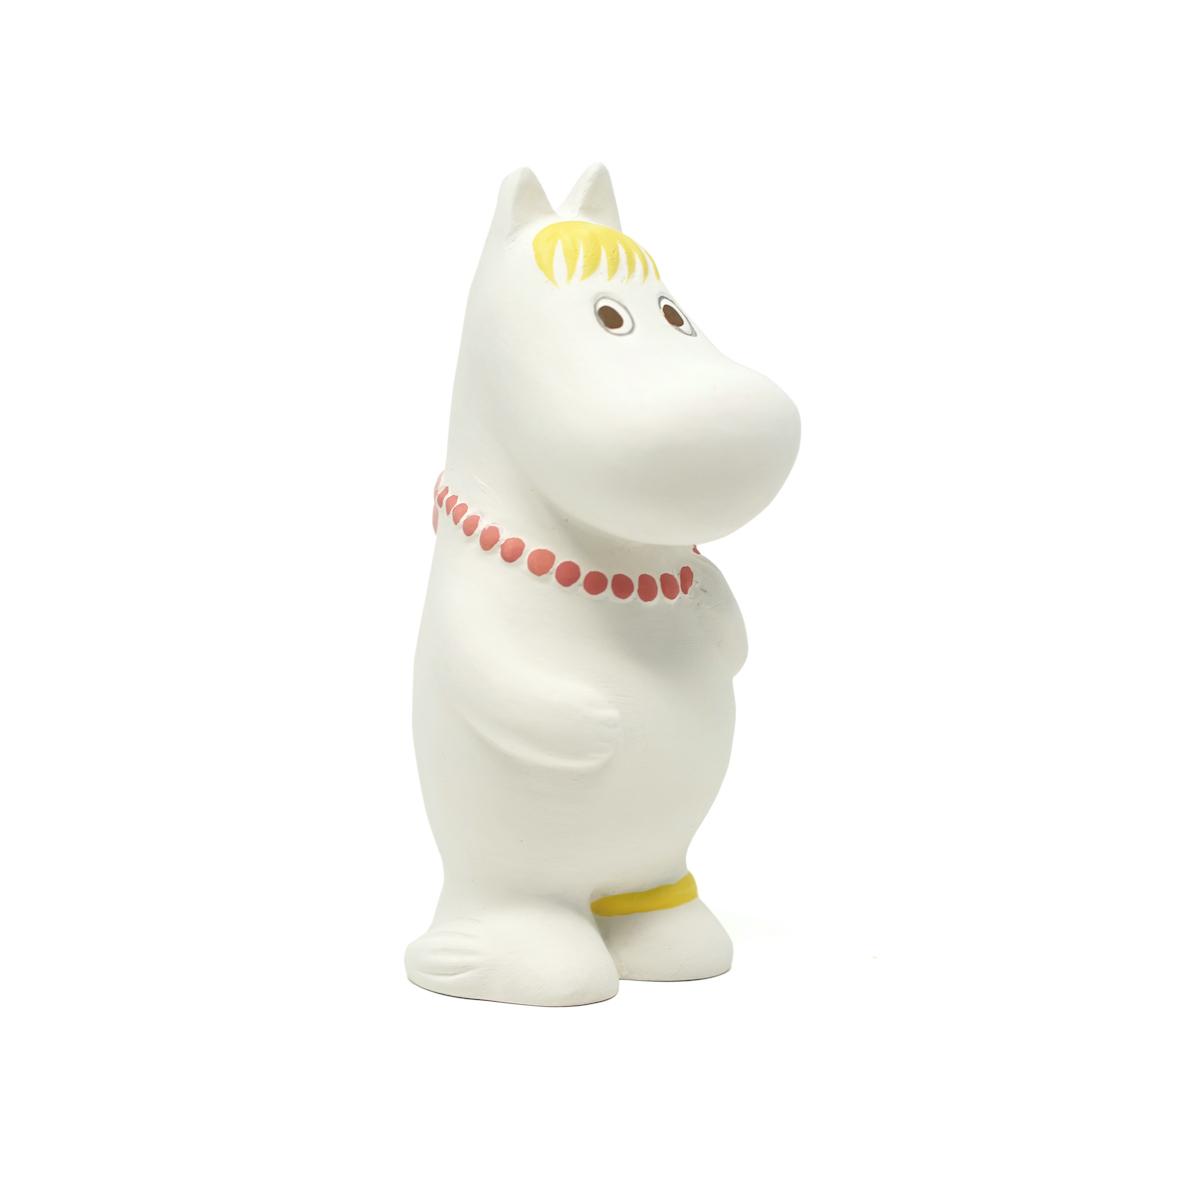 サムネイル:MOOMIN ムーミン 博多人形 スノークのおじょうさん(全長約13.8cm)